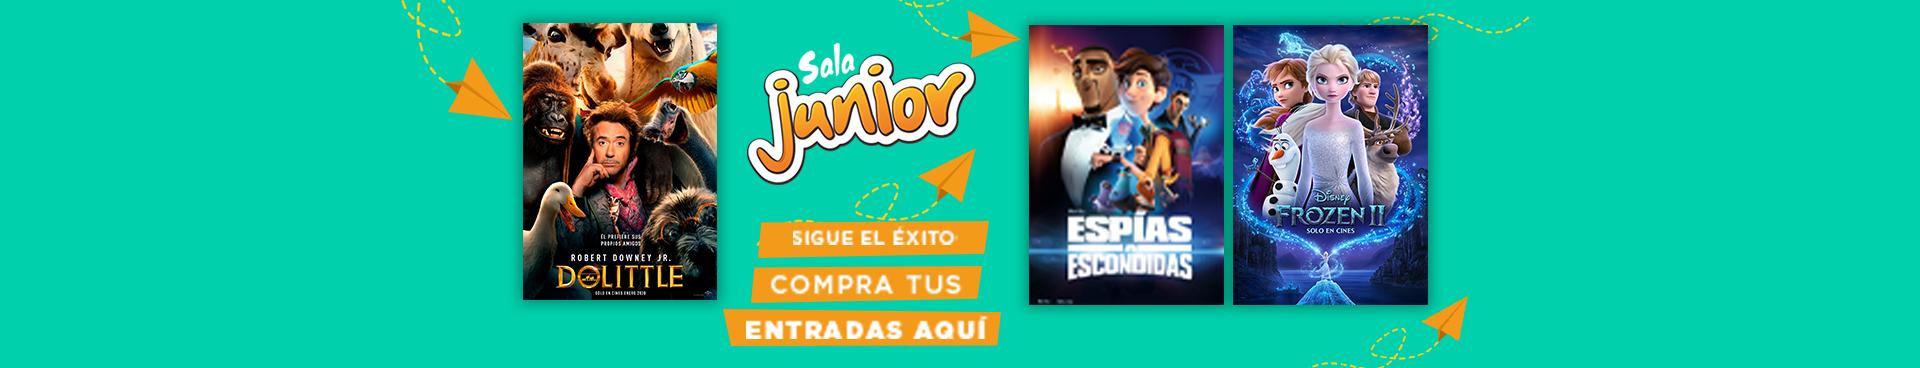 SALA JUNIOR: DOLITTLE+ SIGUE EL ÉXITO: ESPIAS A ESCONDIDAS + FROZEN 2